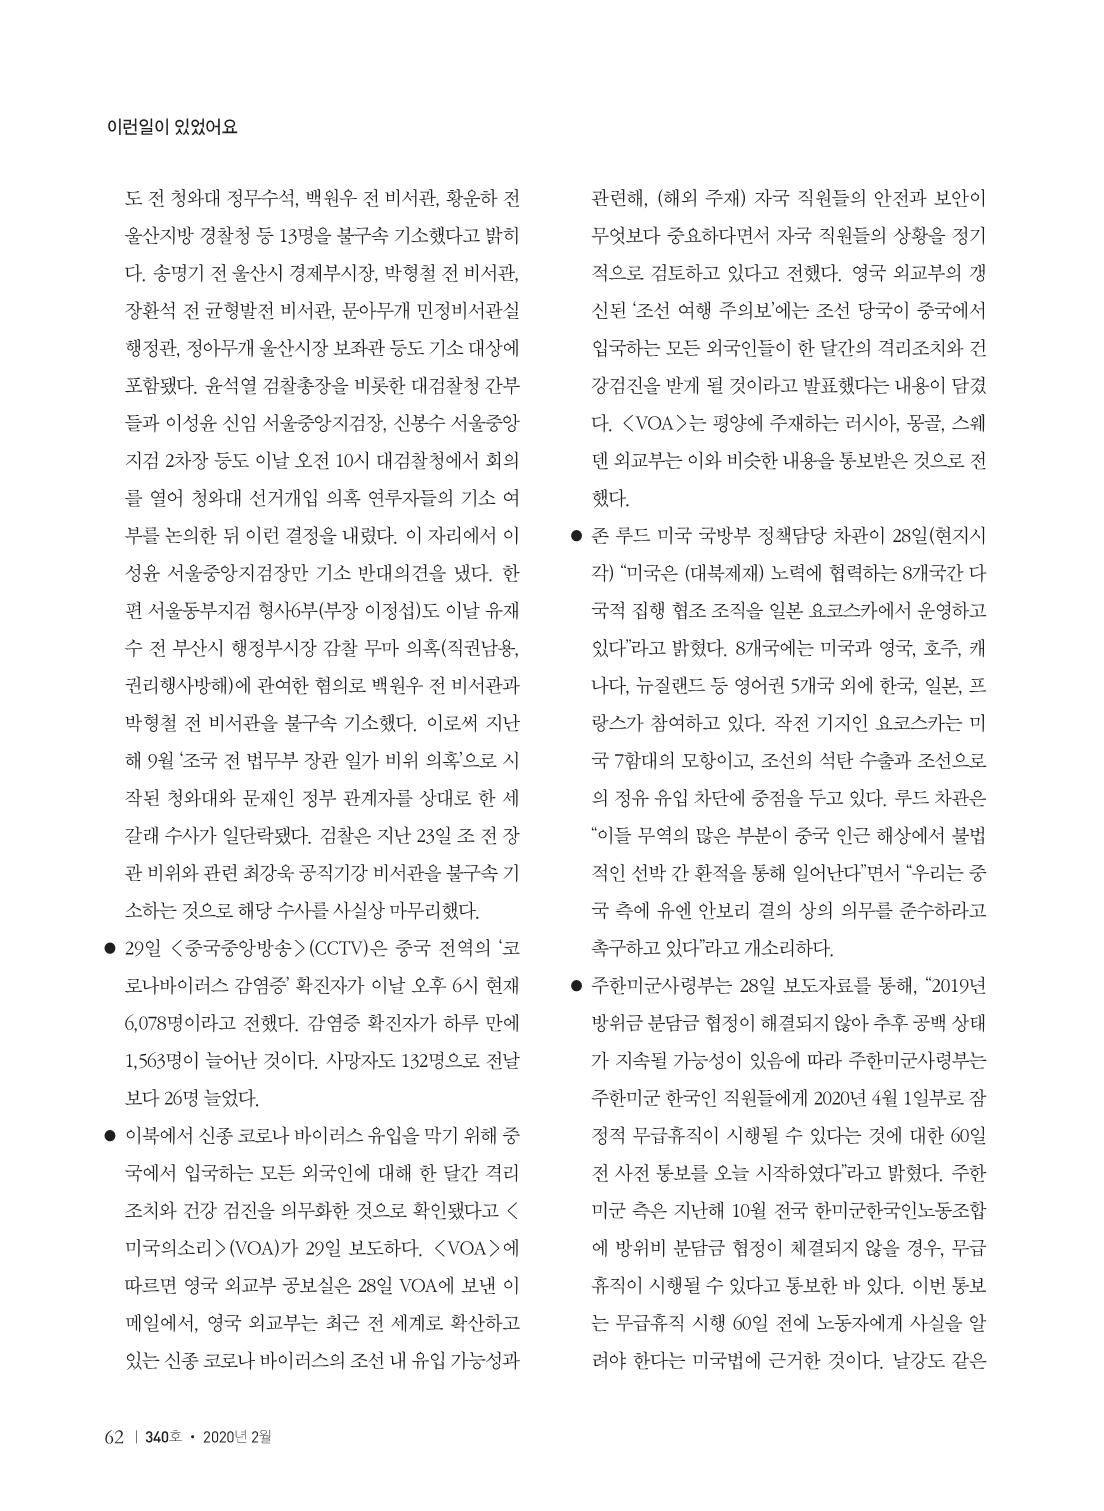 c3a550e7-2d95-46c0-bdec-64c56104ebf4.pdf-0064.png